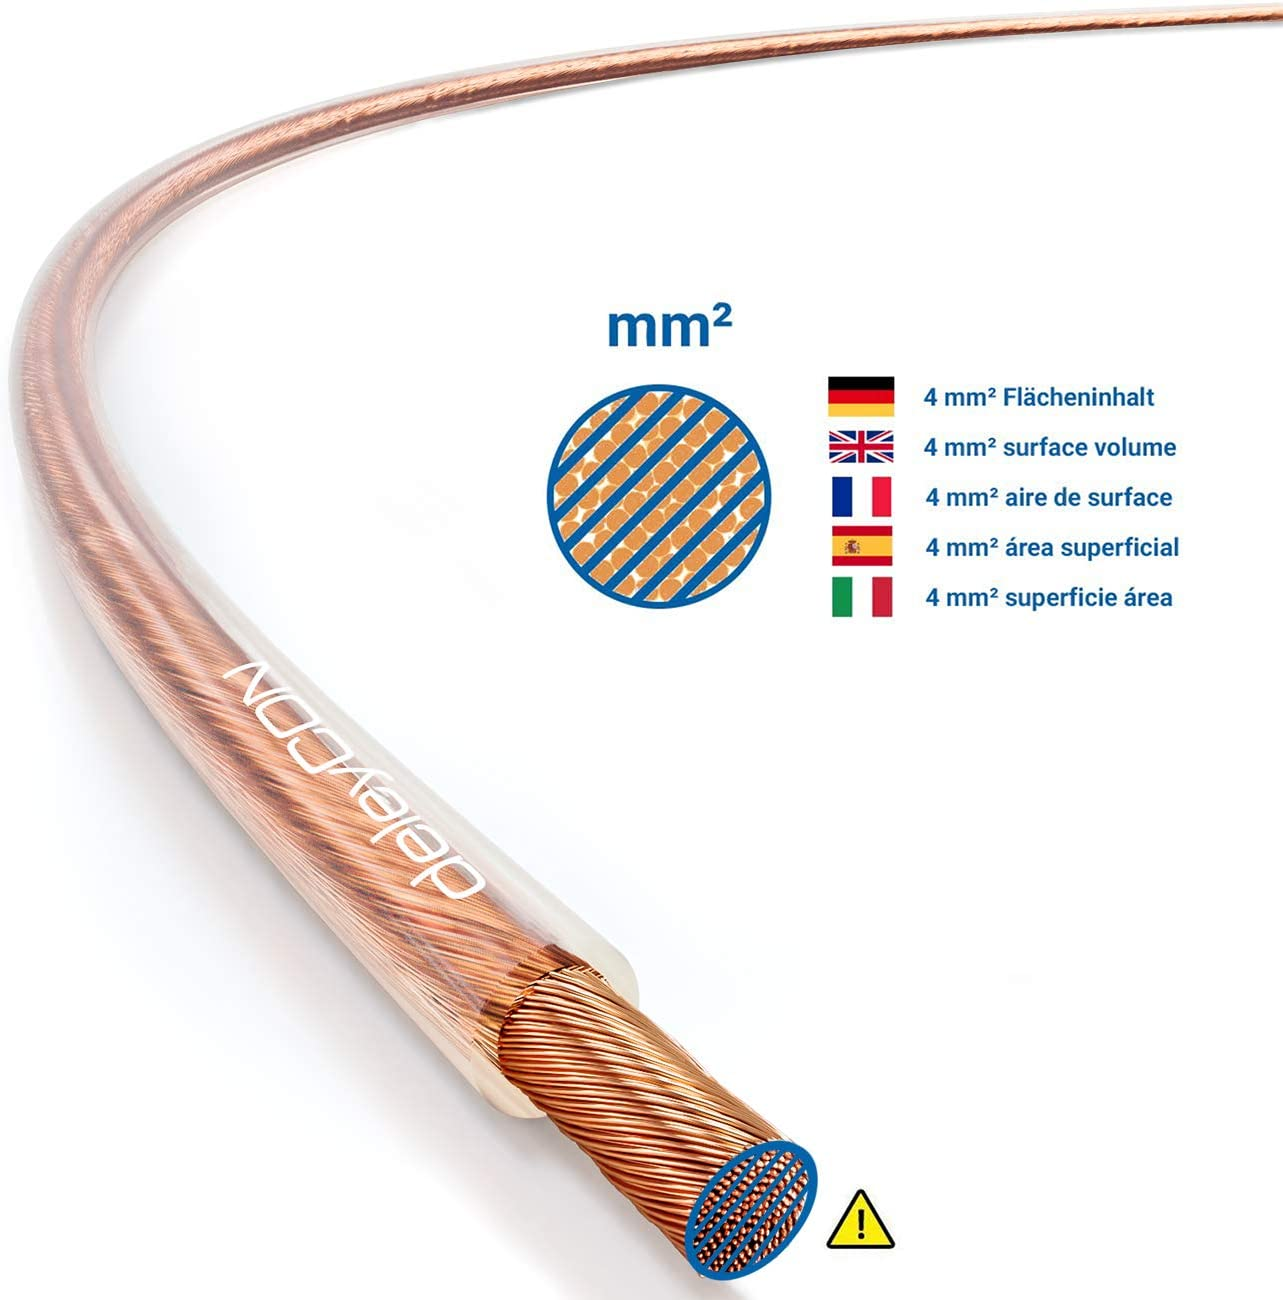 deleyCON 20m de Cobre Cable de Altavoz 2X 4,0mm/² Cables de Foso Cable de Cobre S/ólido Aislado 99,9/% Pureza Marca de Polaridad 2x132x0,20mm Alambre Trenzado Blanco